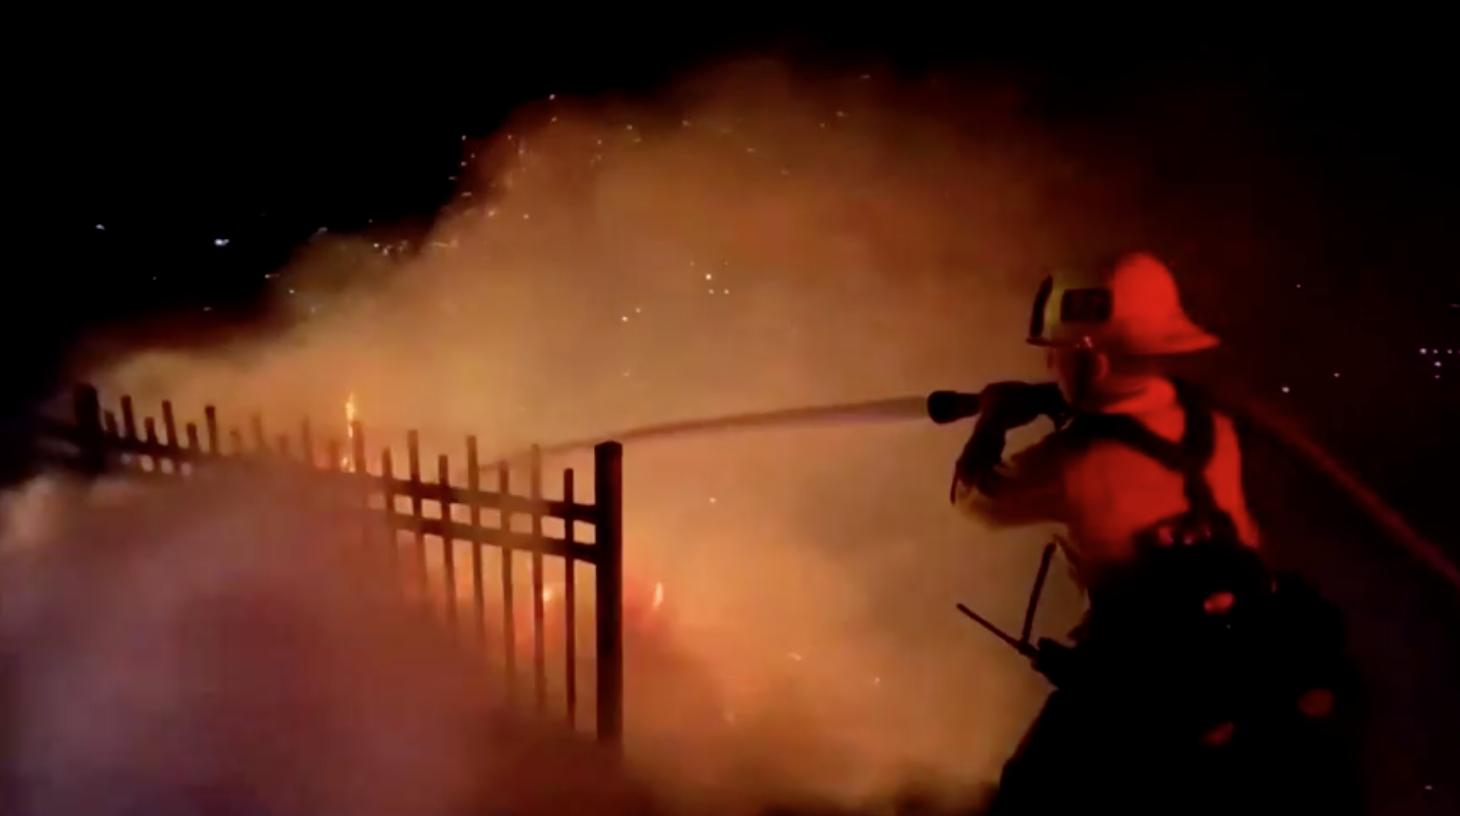 Nhân viên cứu hỏa nỗ lực dập tắt đám cháy rừng tại Elysian Park